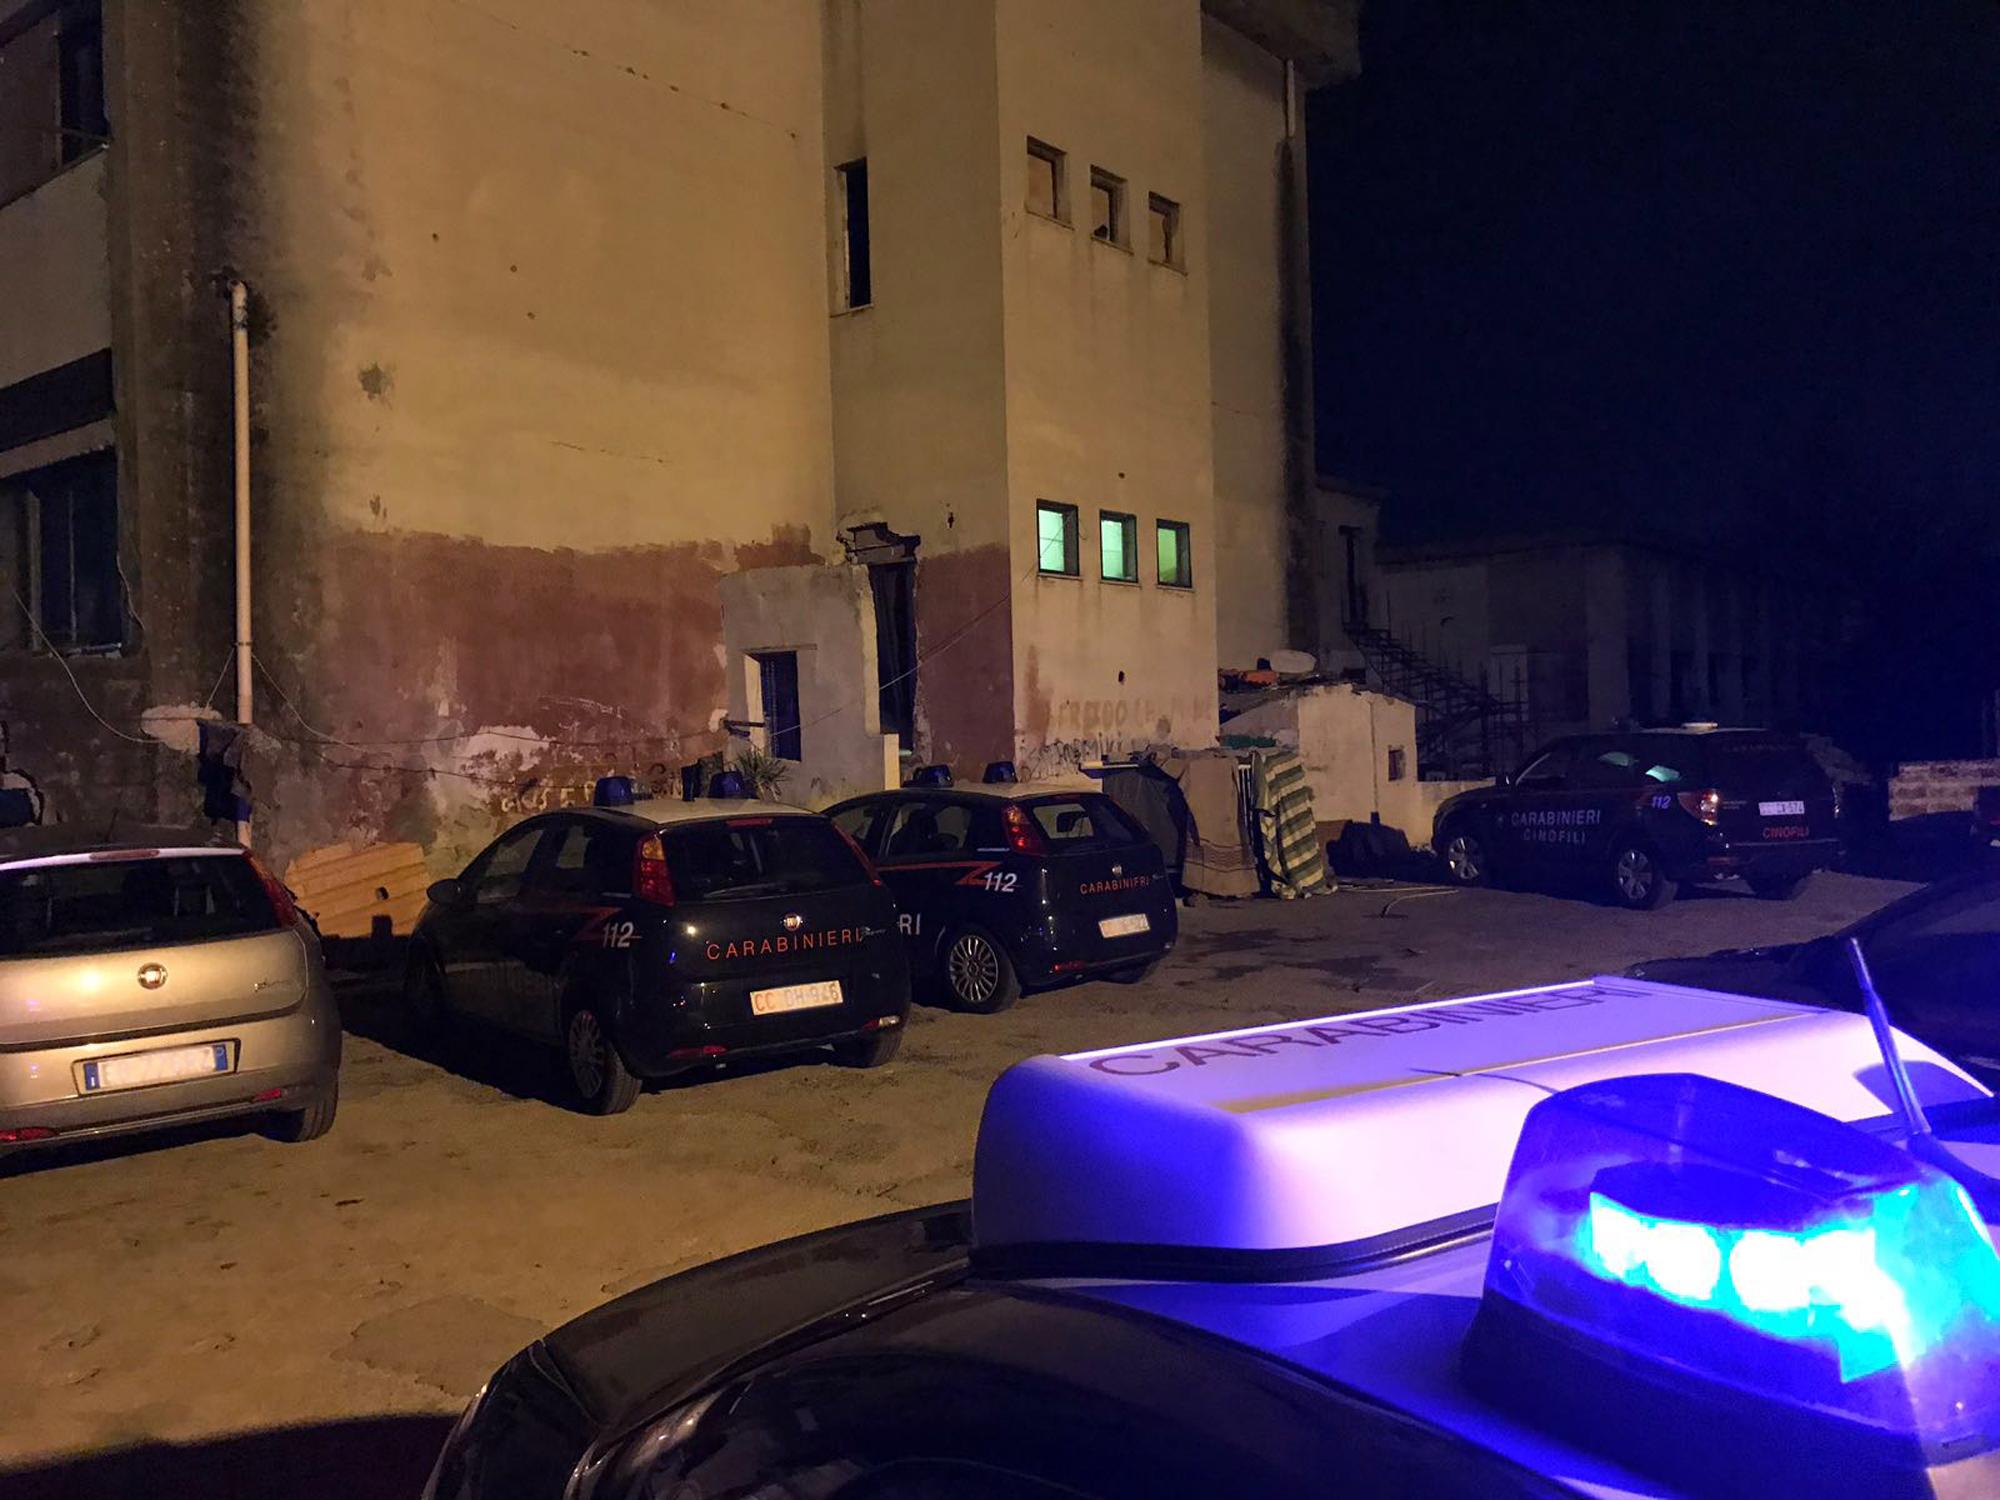 Torre Annunziata. Controllo del territorio: operazione straordinaria dei carabinieri sabato sera in città